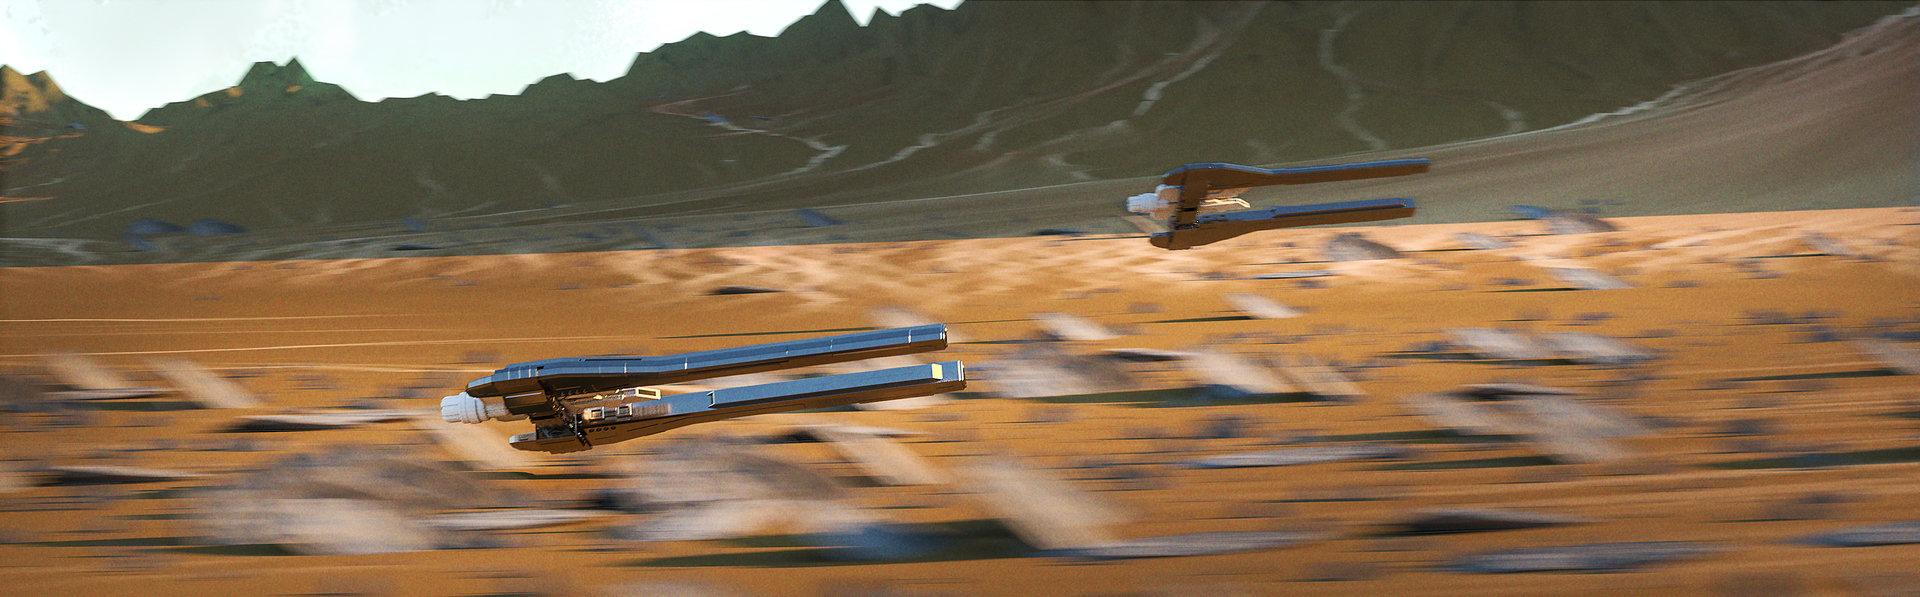 Efflam mercier speed racer renders